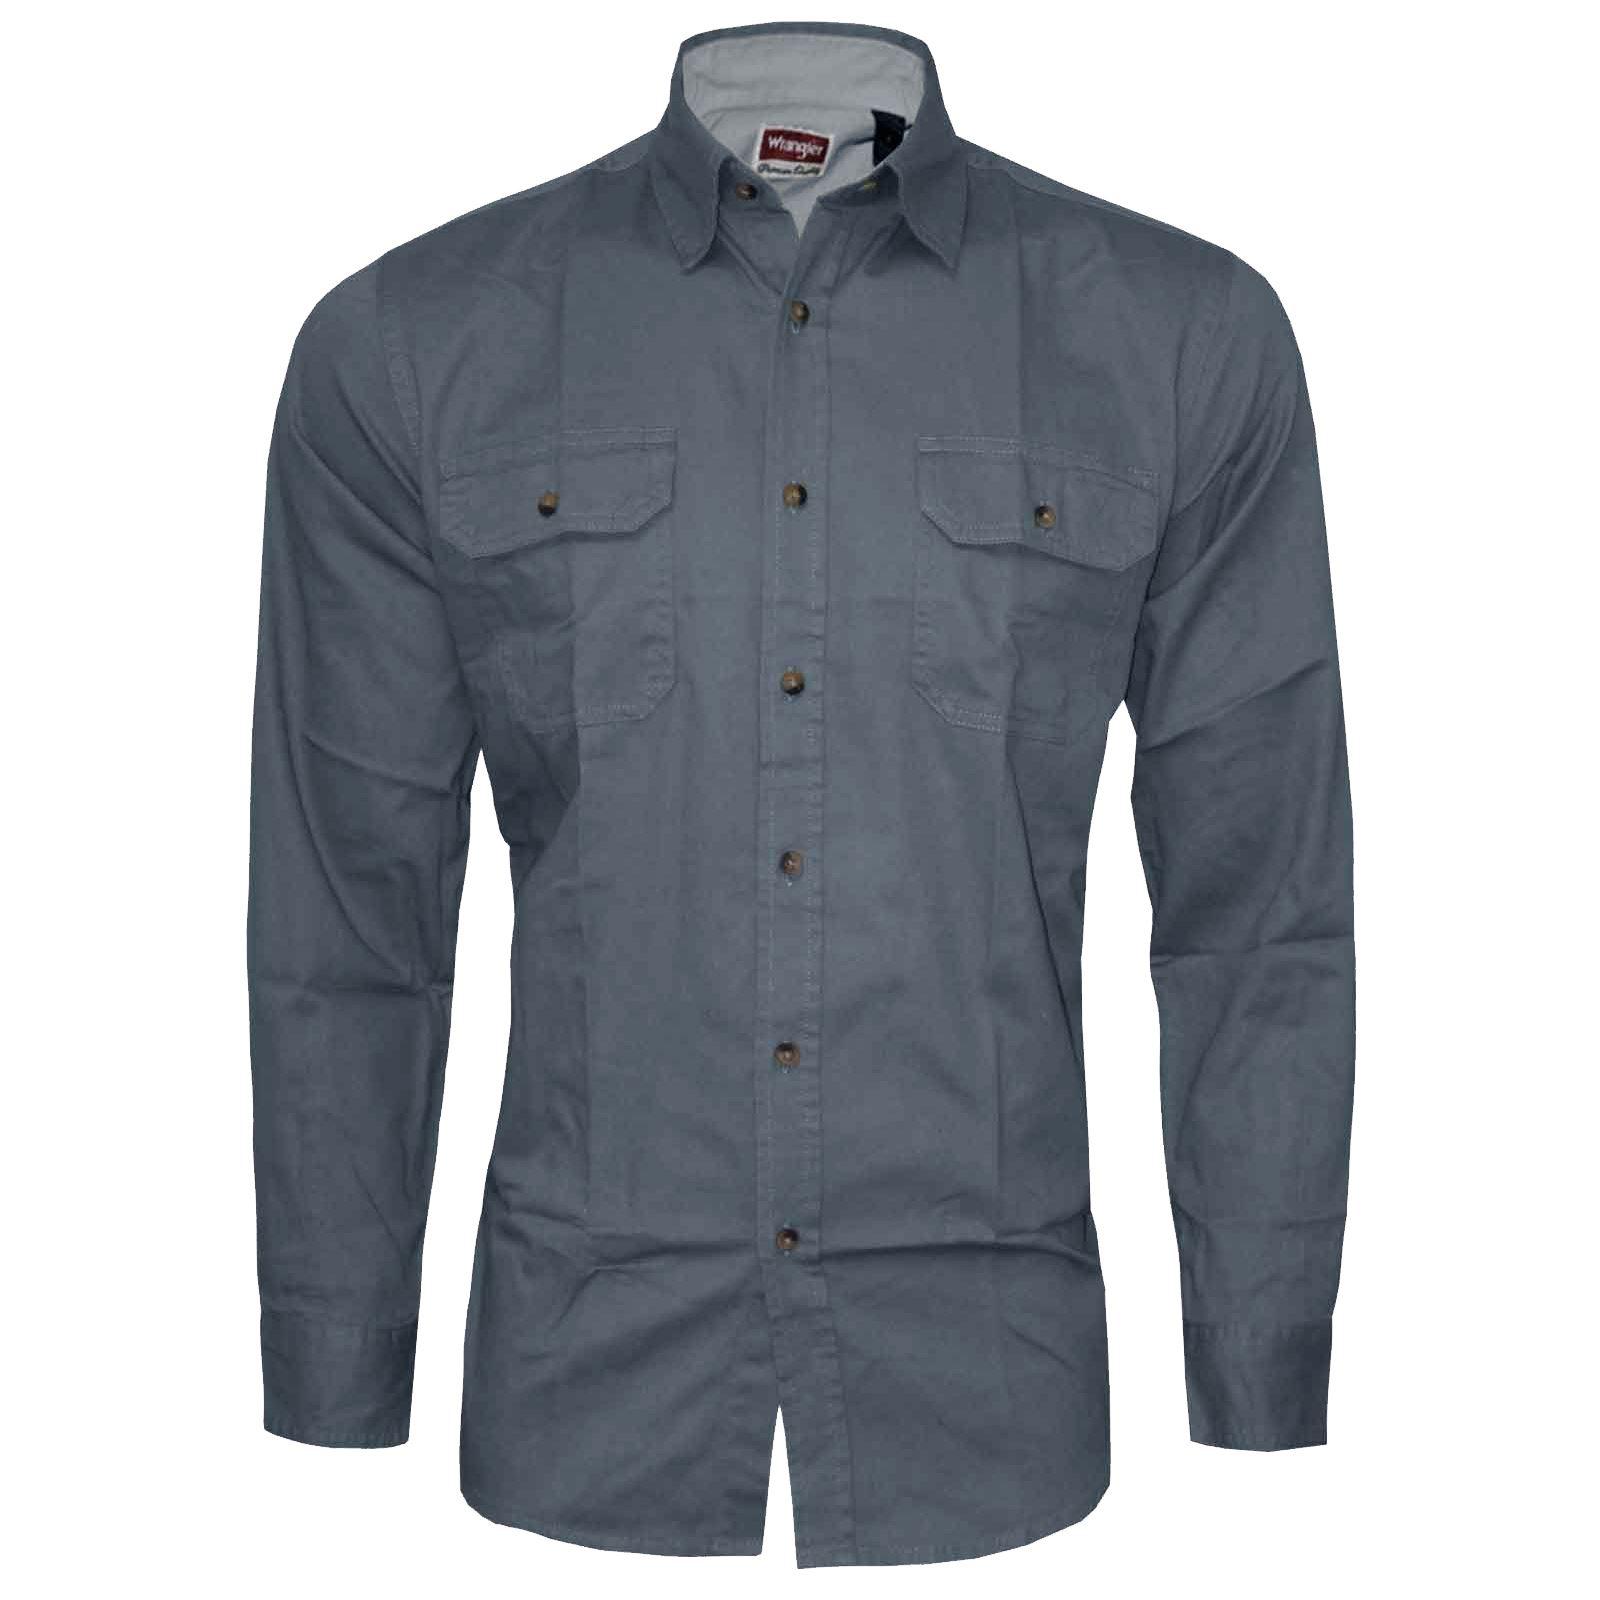 mens wrangler branded shirt long sleeve 100 cotton